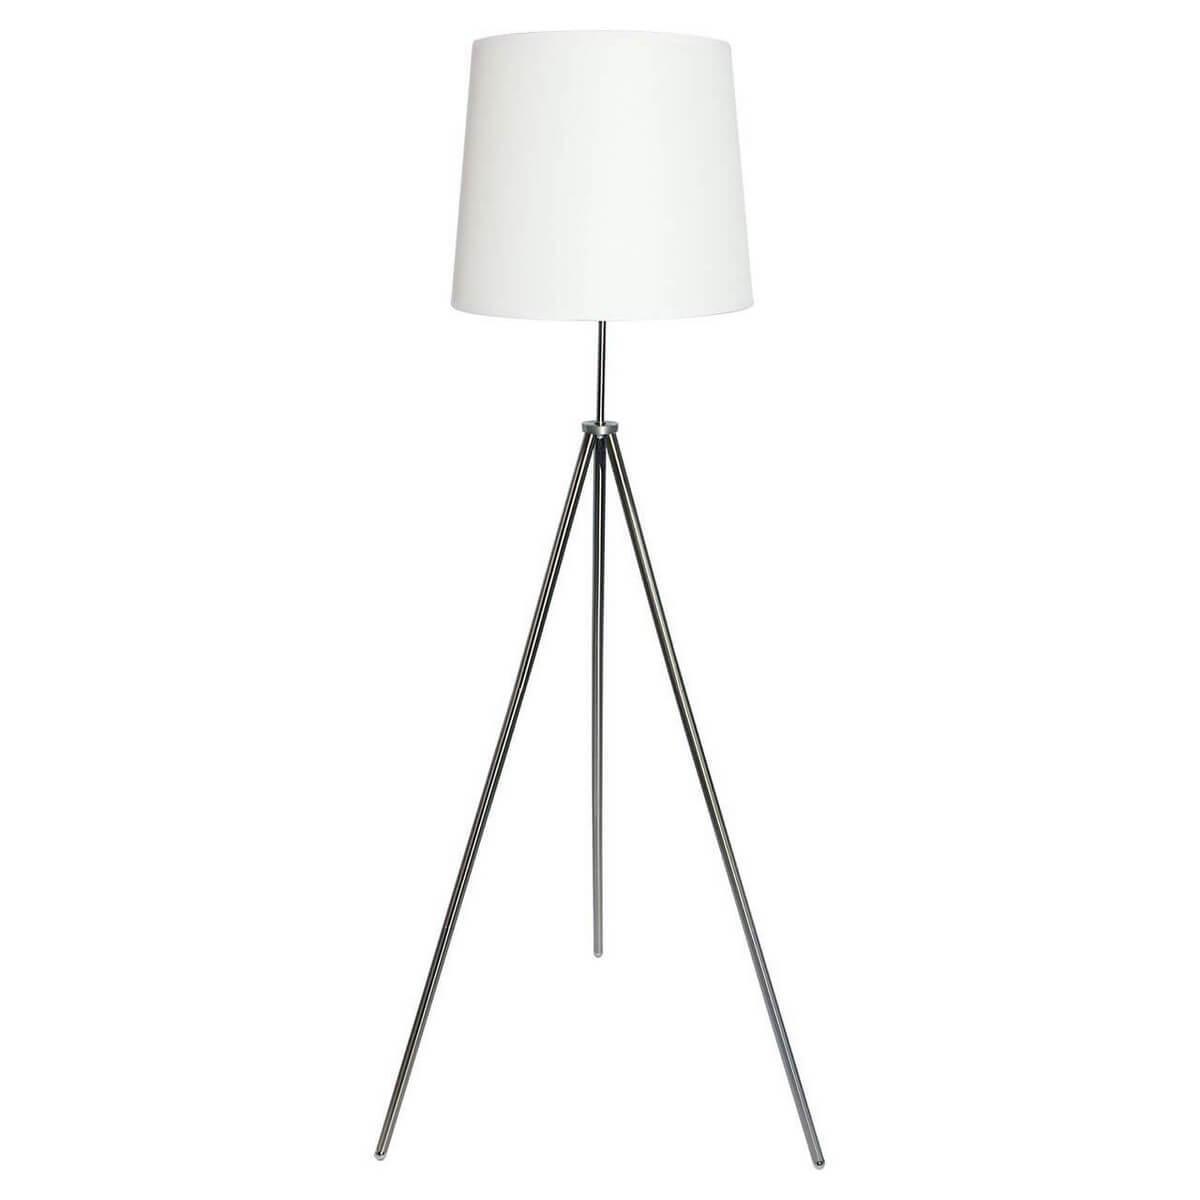 Напольный светильник Lussole GRLSP-0502, E27, 11 Вт все цены